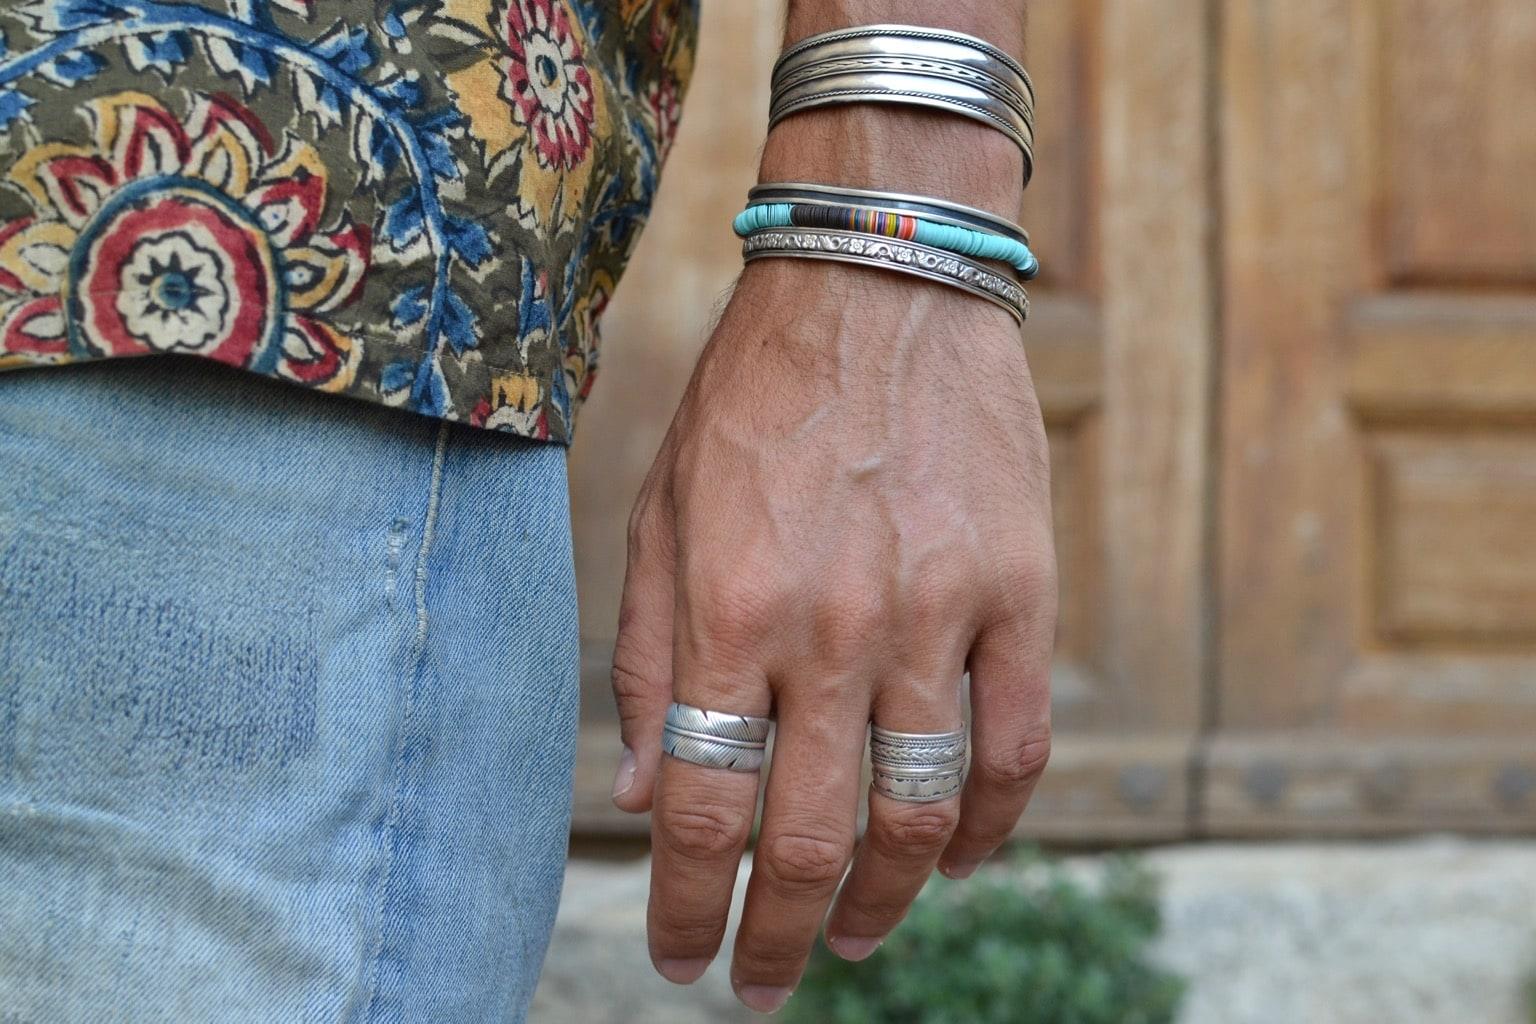 comment porter bijou homme en argentbracelet et bague navajo touareg et bracelet jinji en plastique